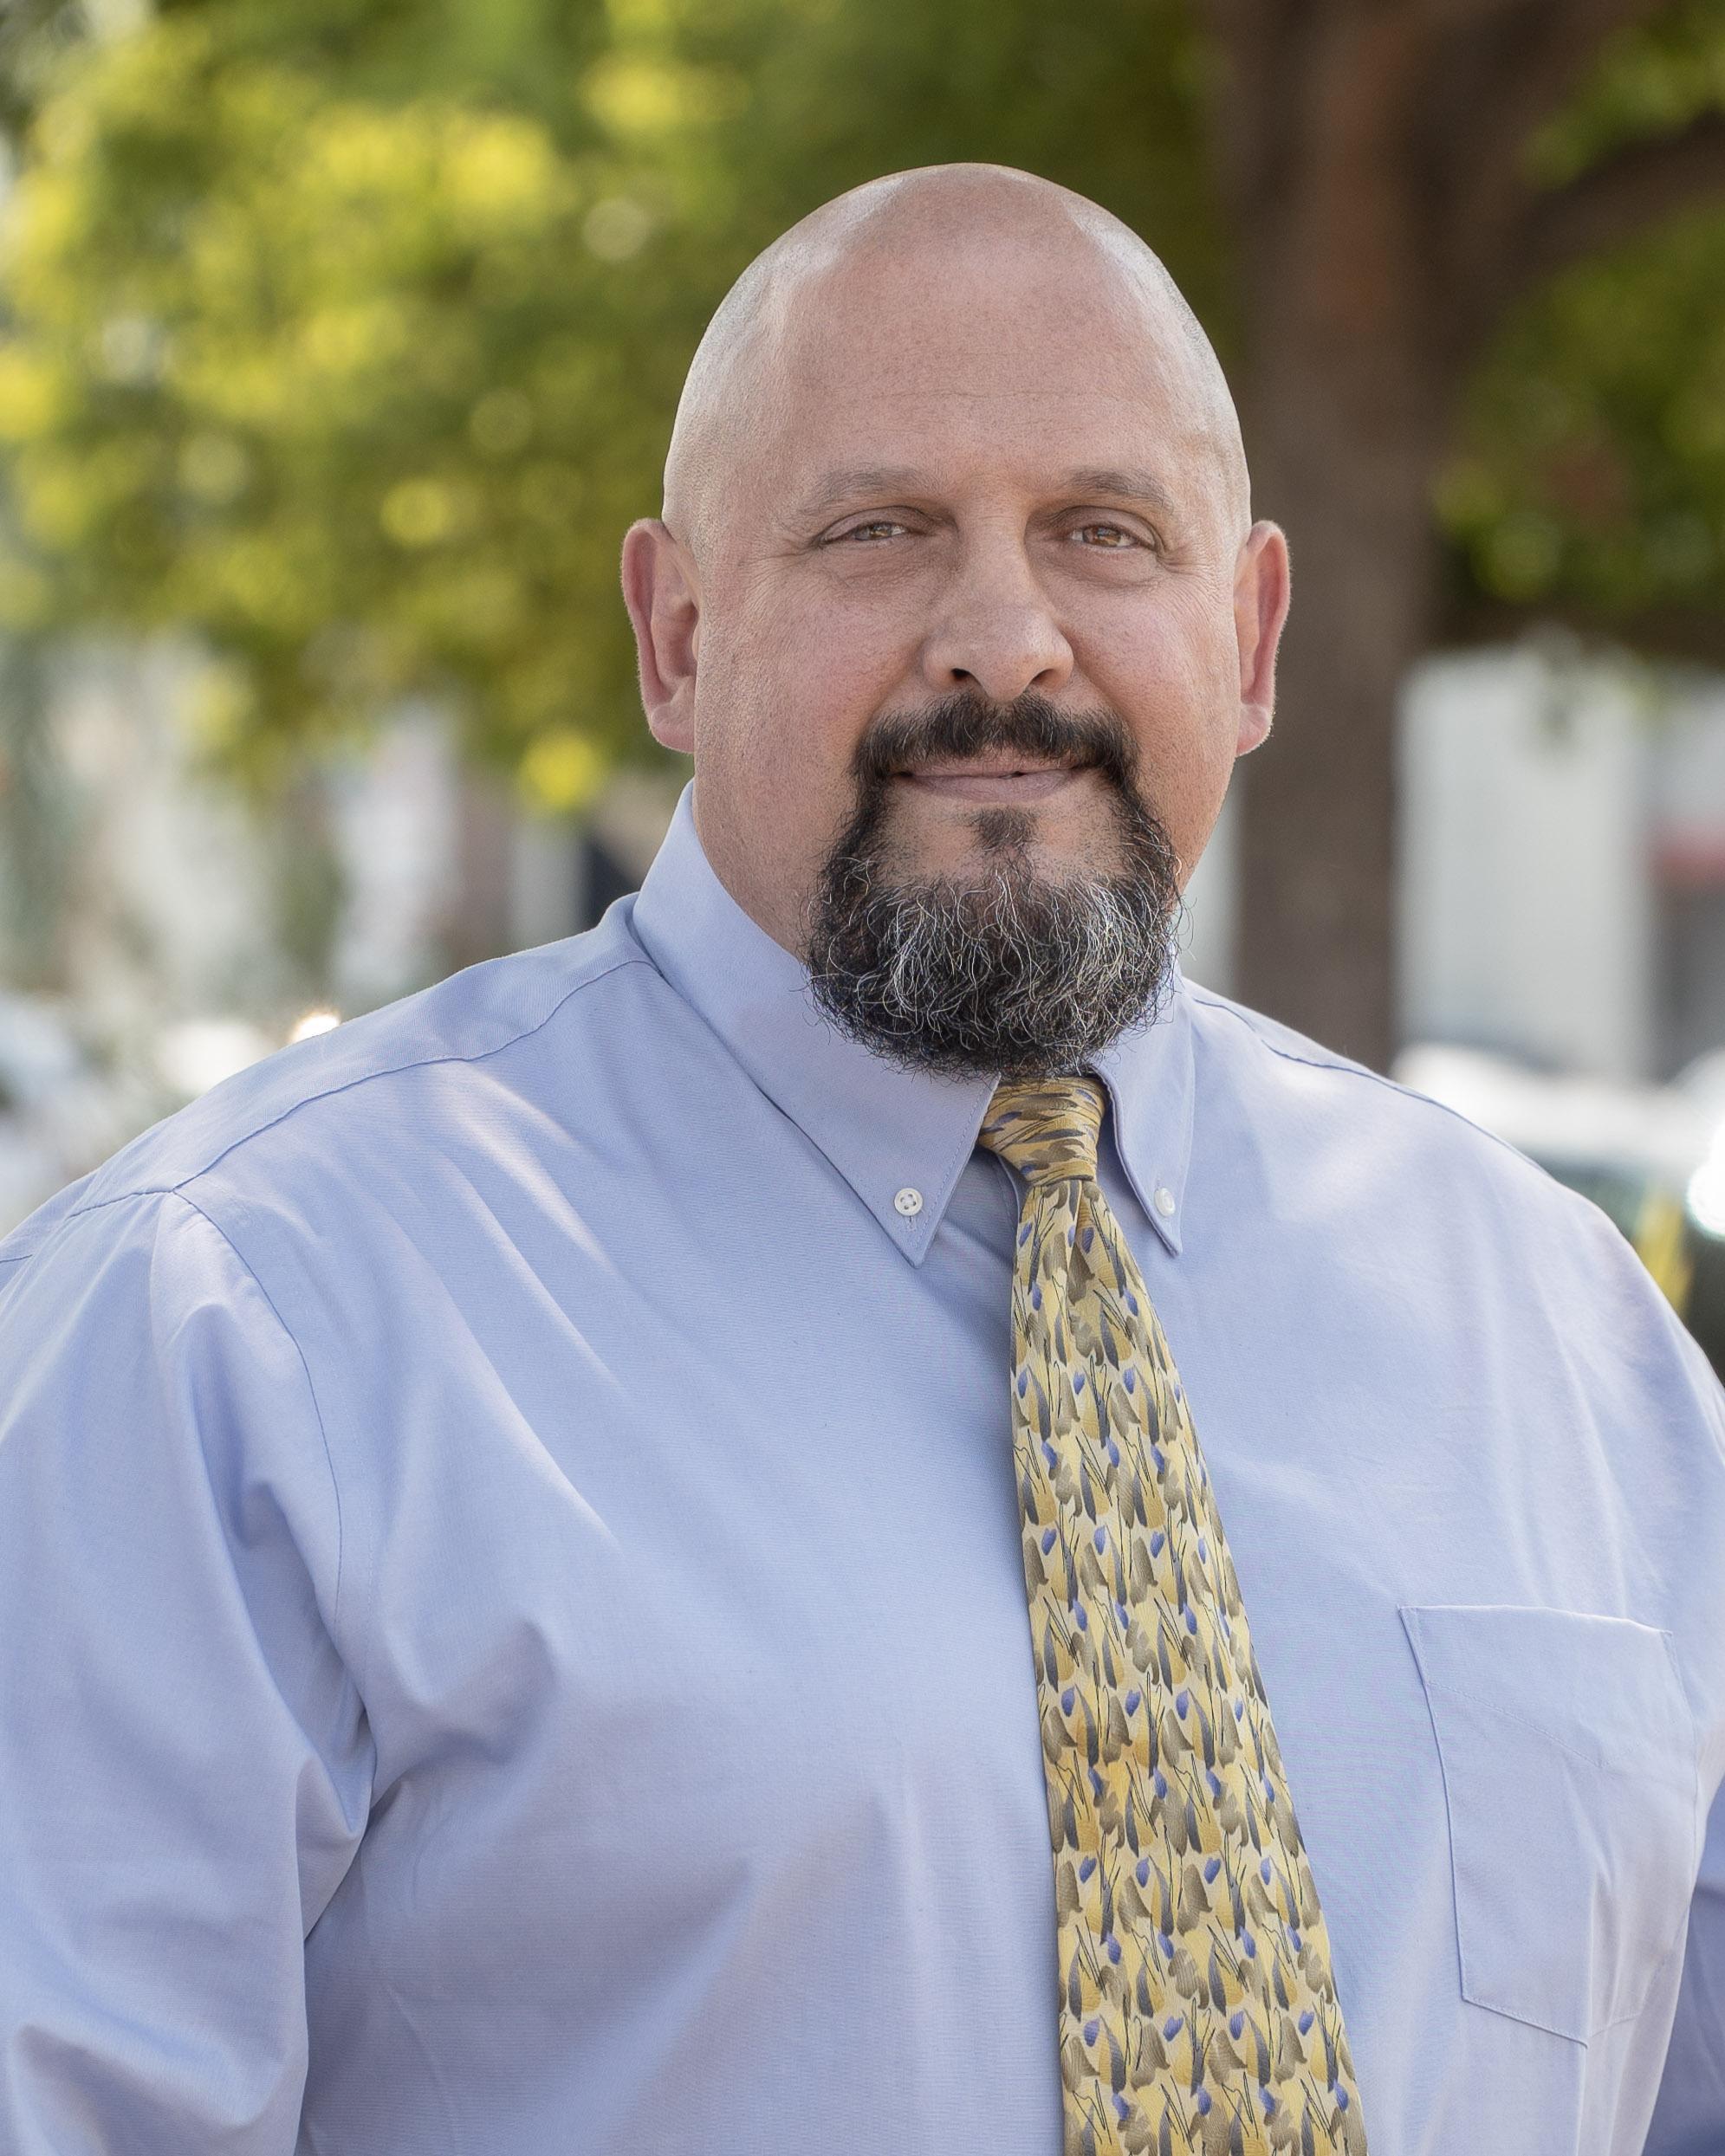 Principal Andrew Alvidrez